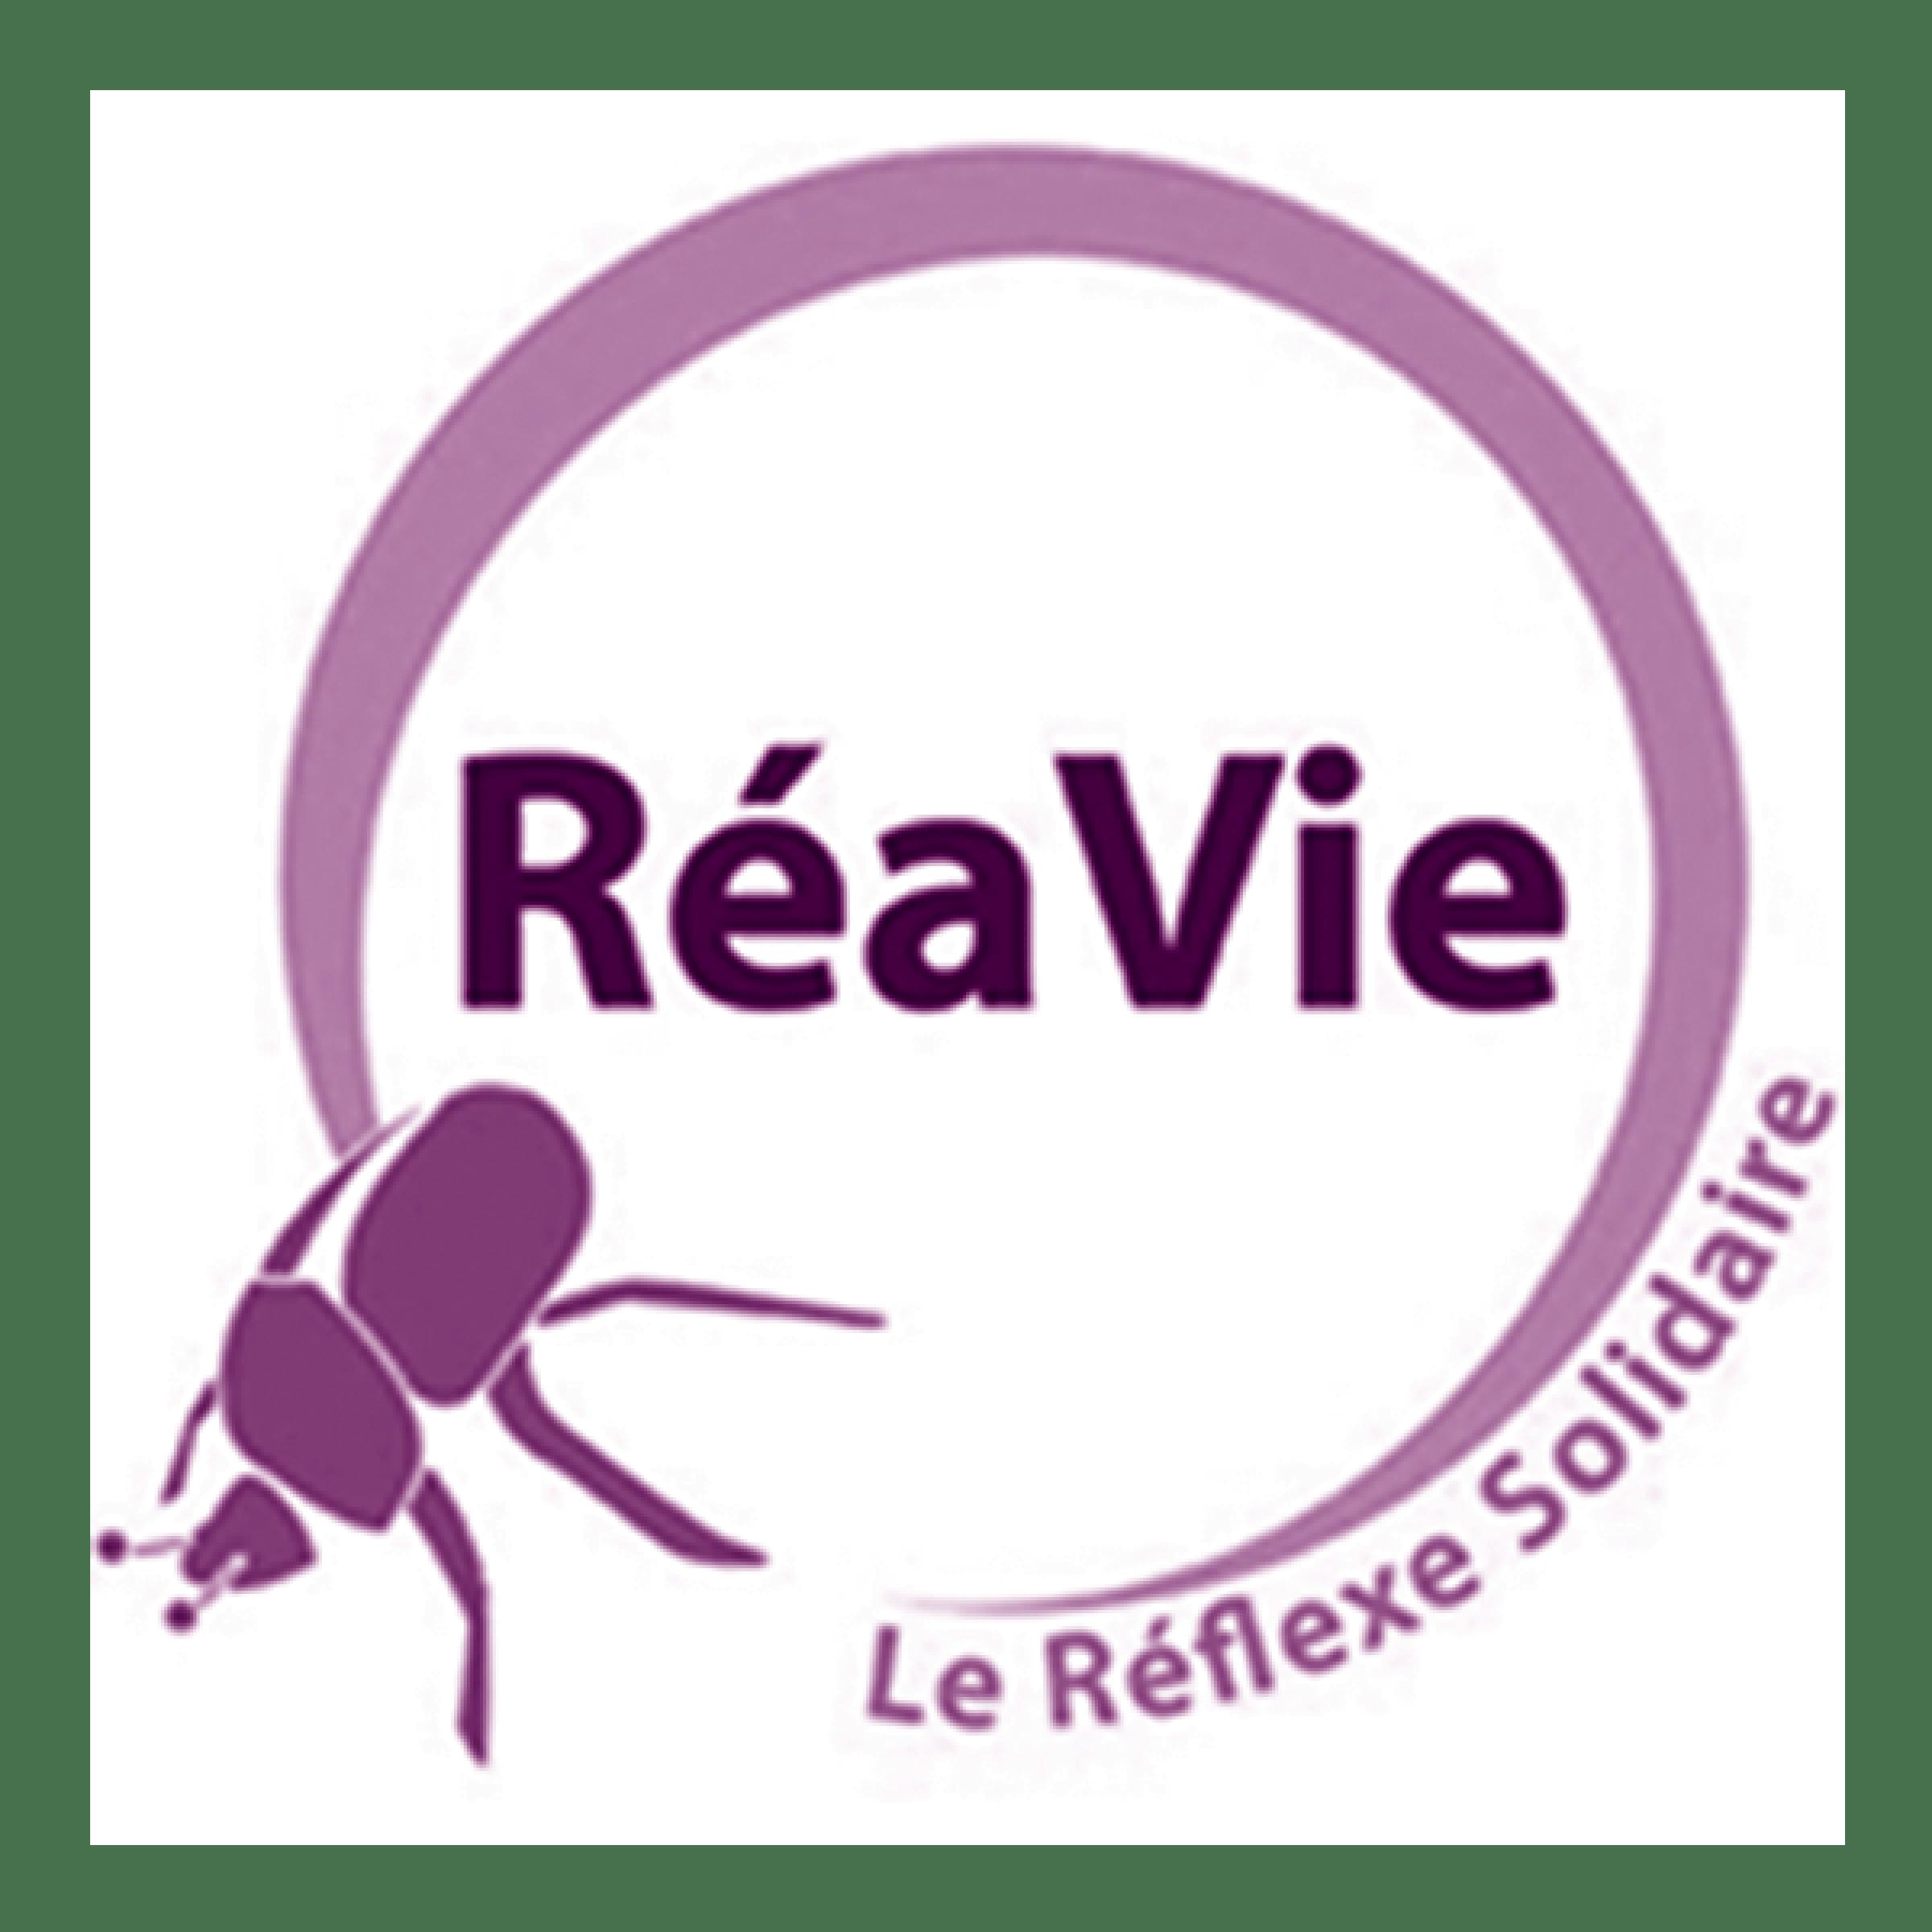 Association Réavie